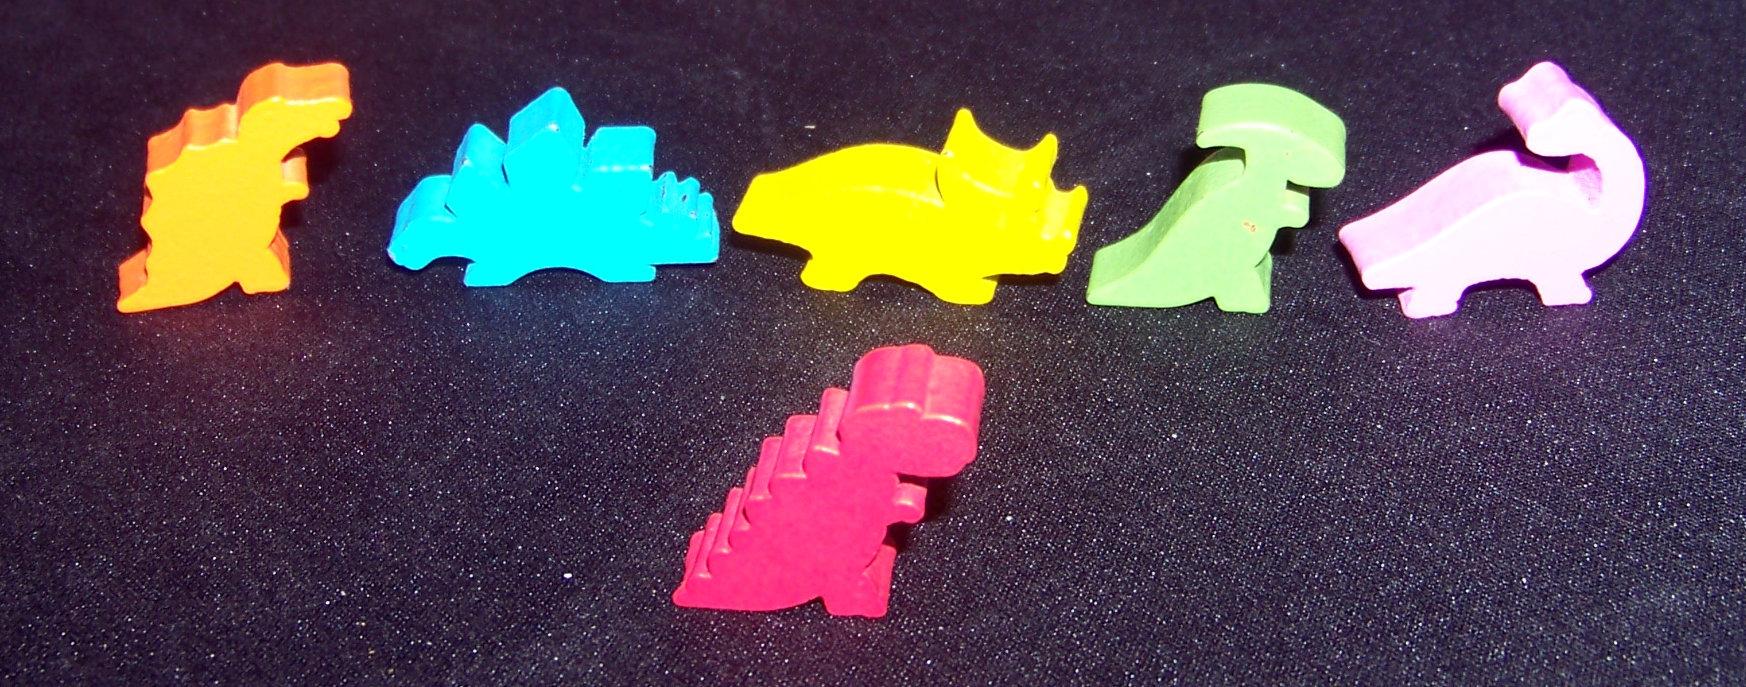 Juego de mesa Draftosaurus - dinos